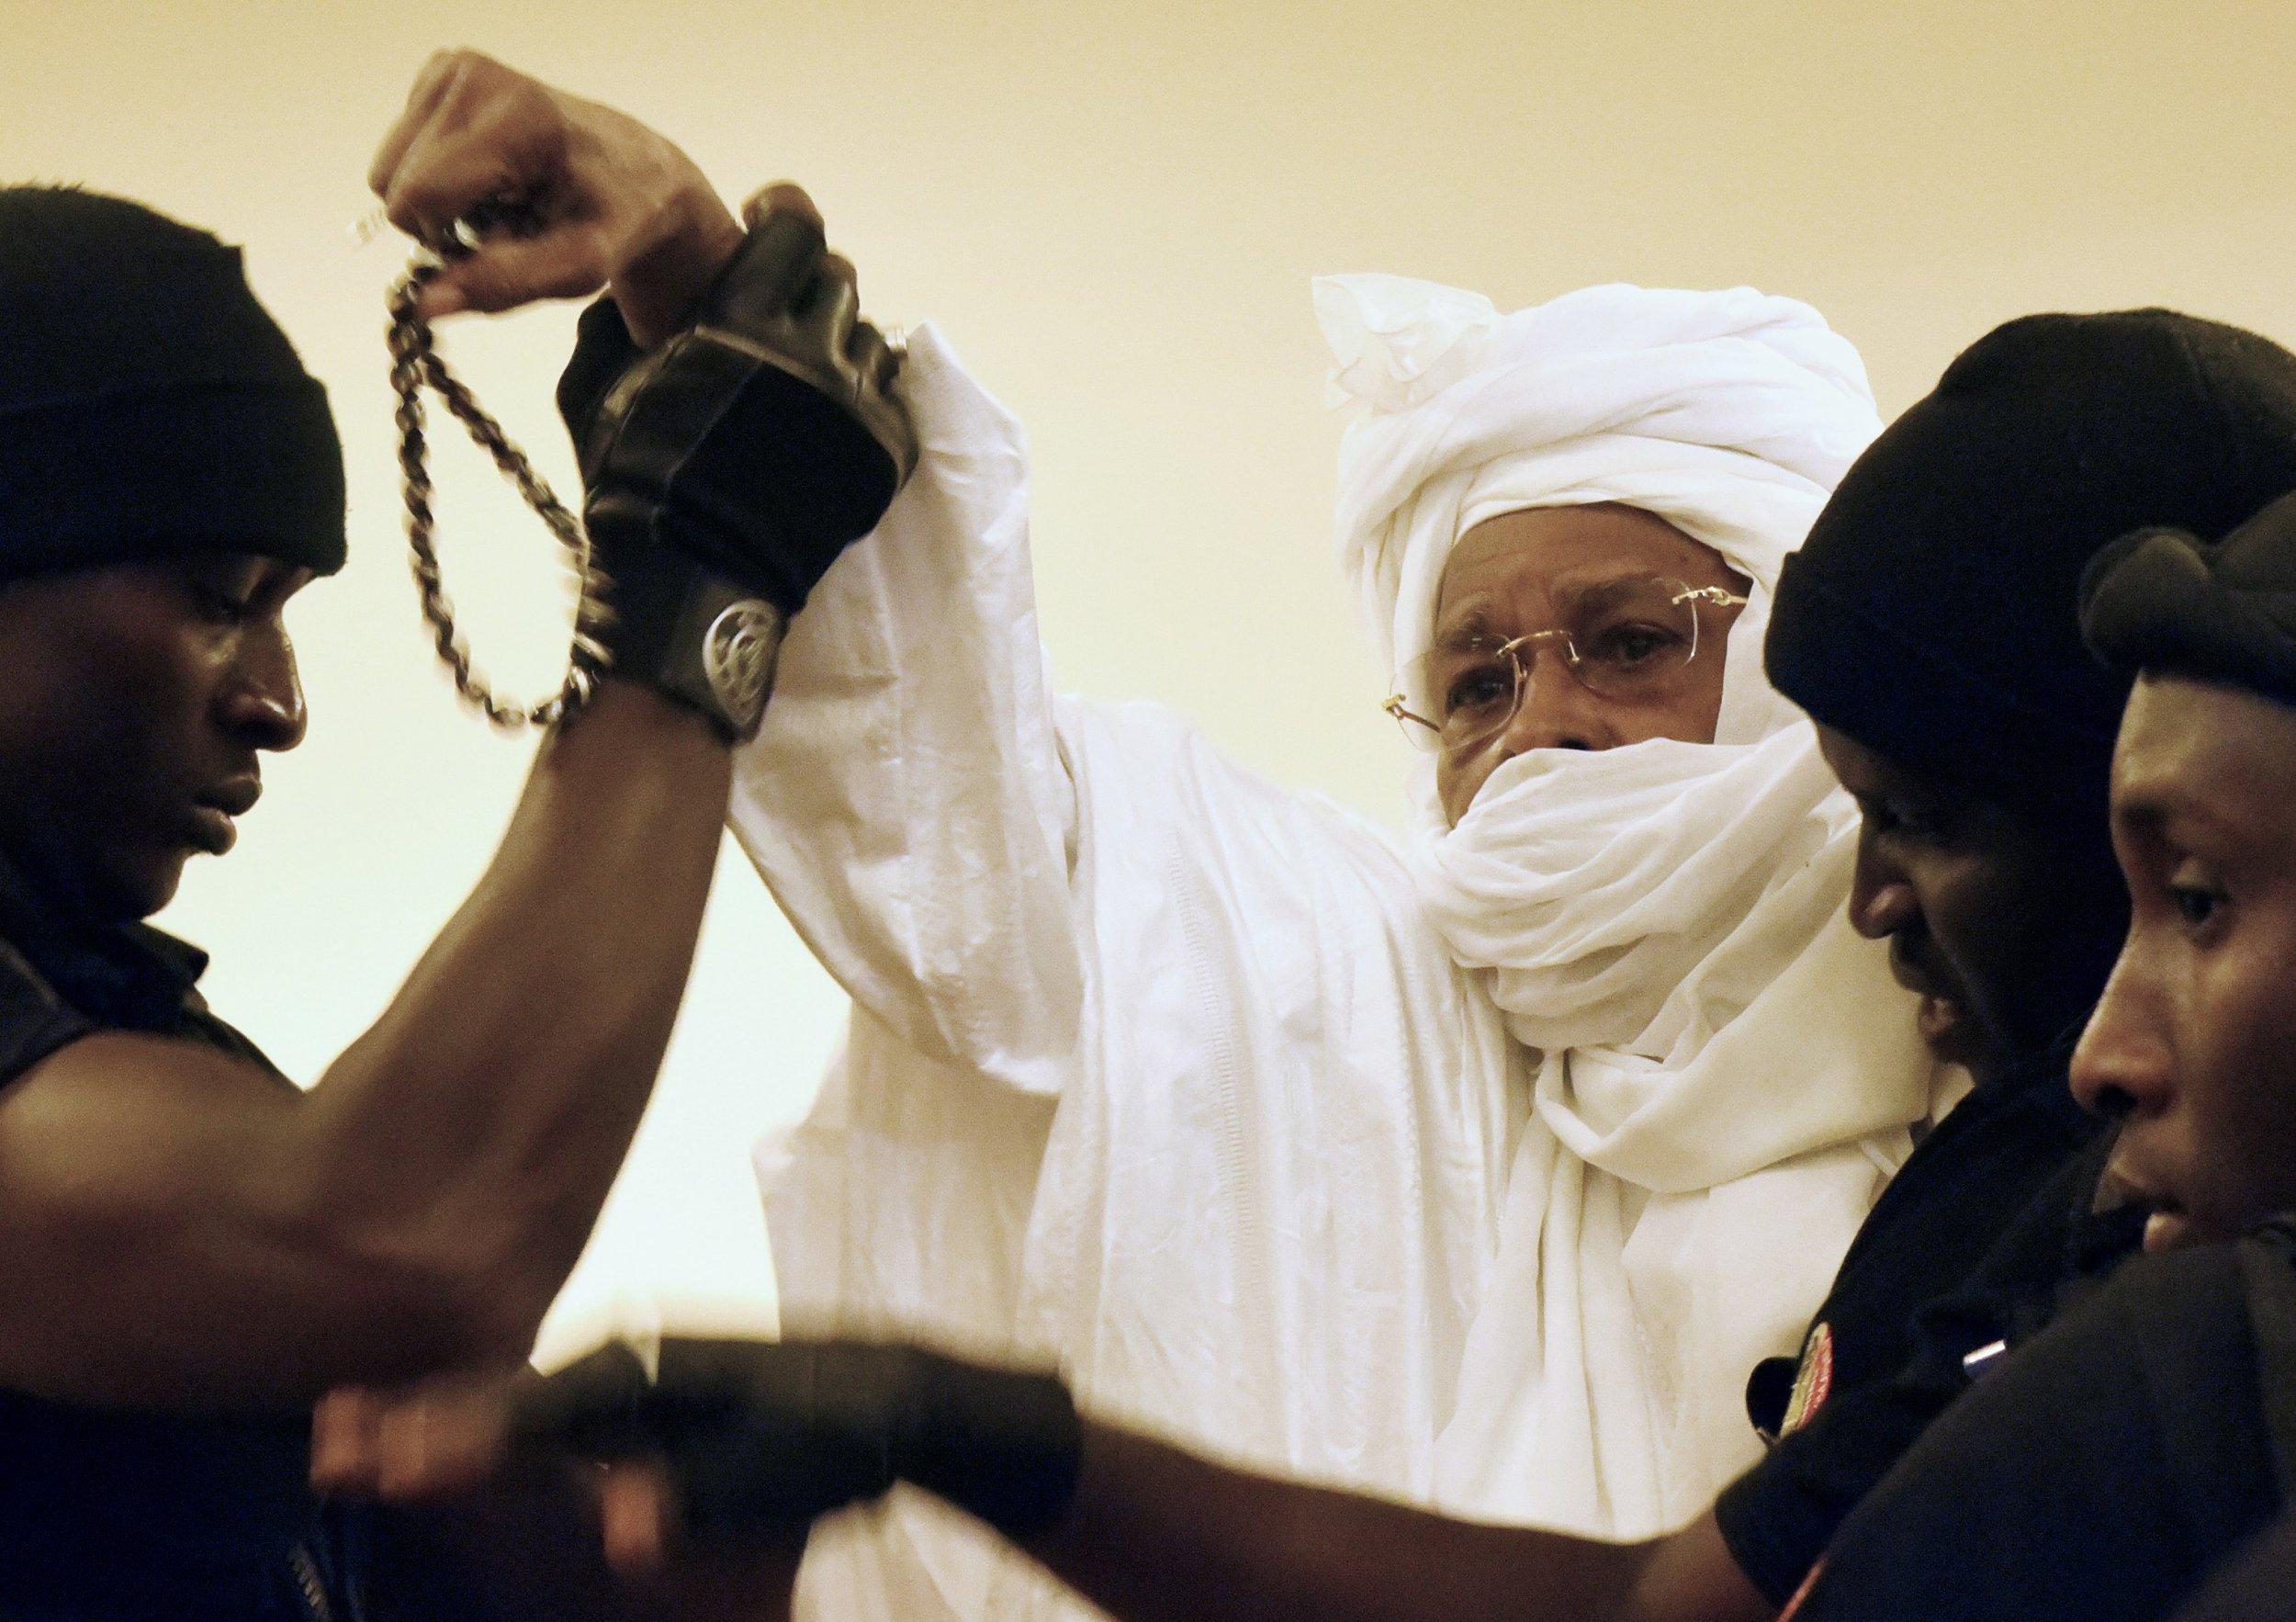 Ex-Chadian dictator Hissene Habre in court.